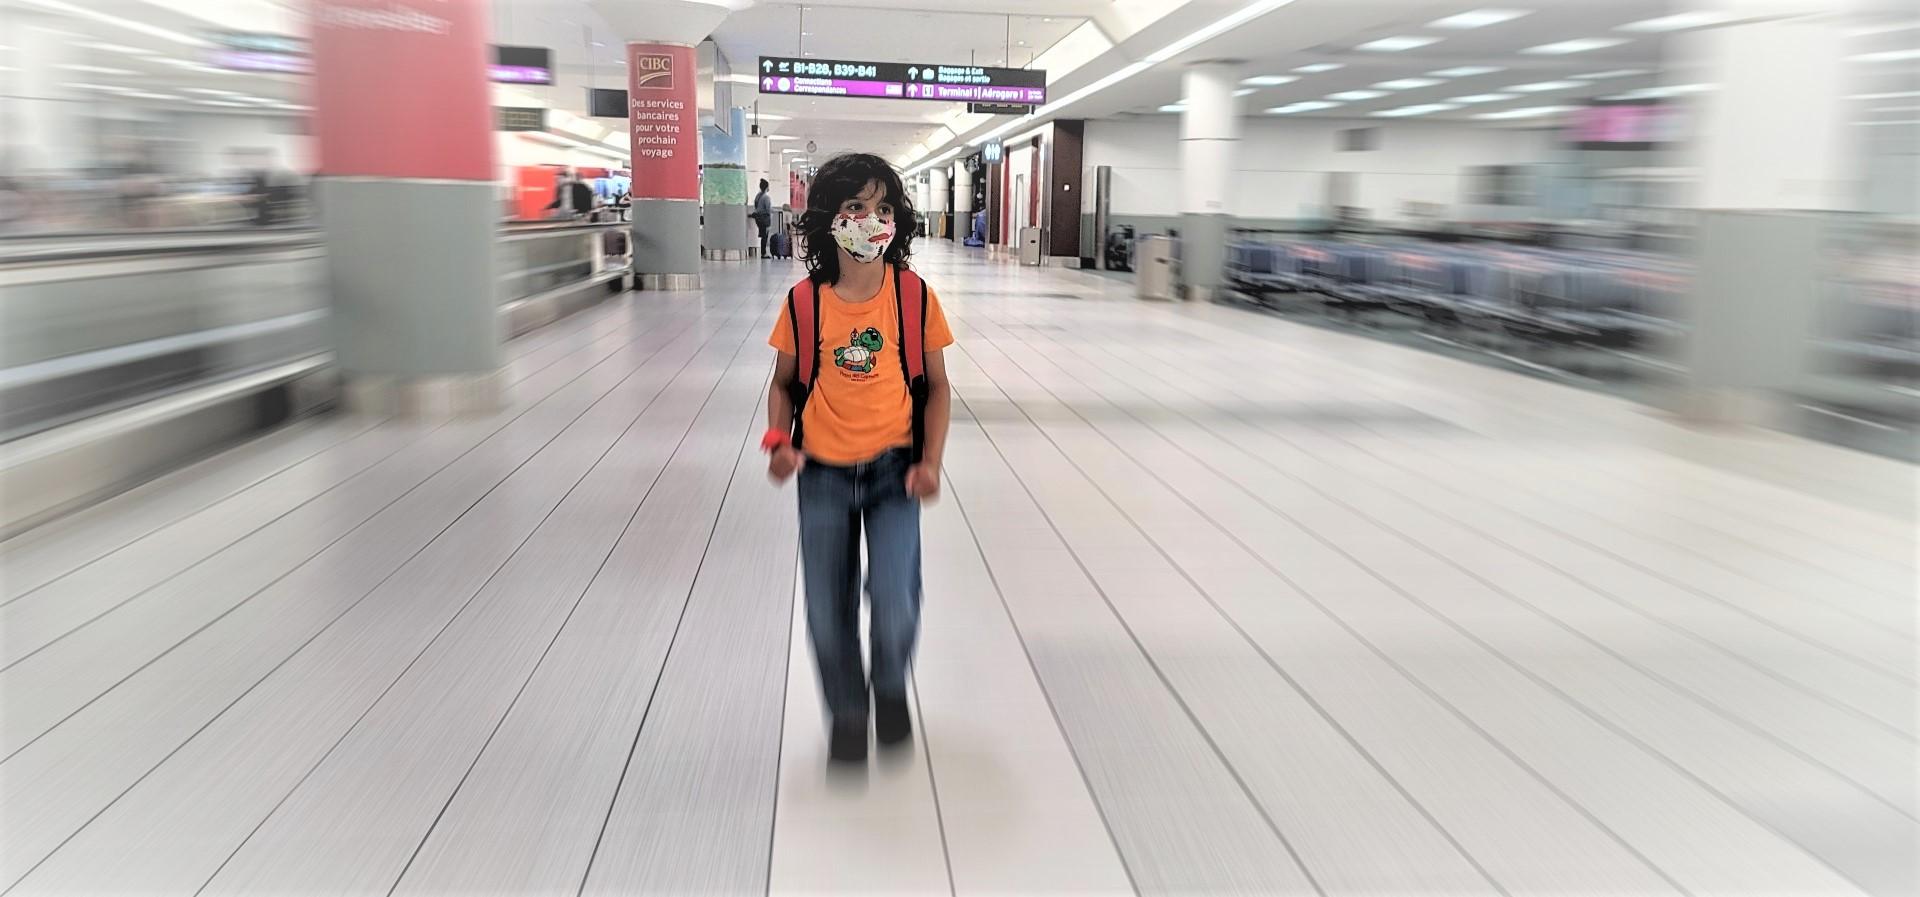 masked kid in orange shirt walking through airport